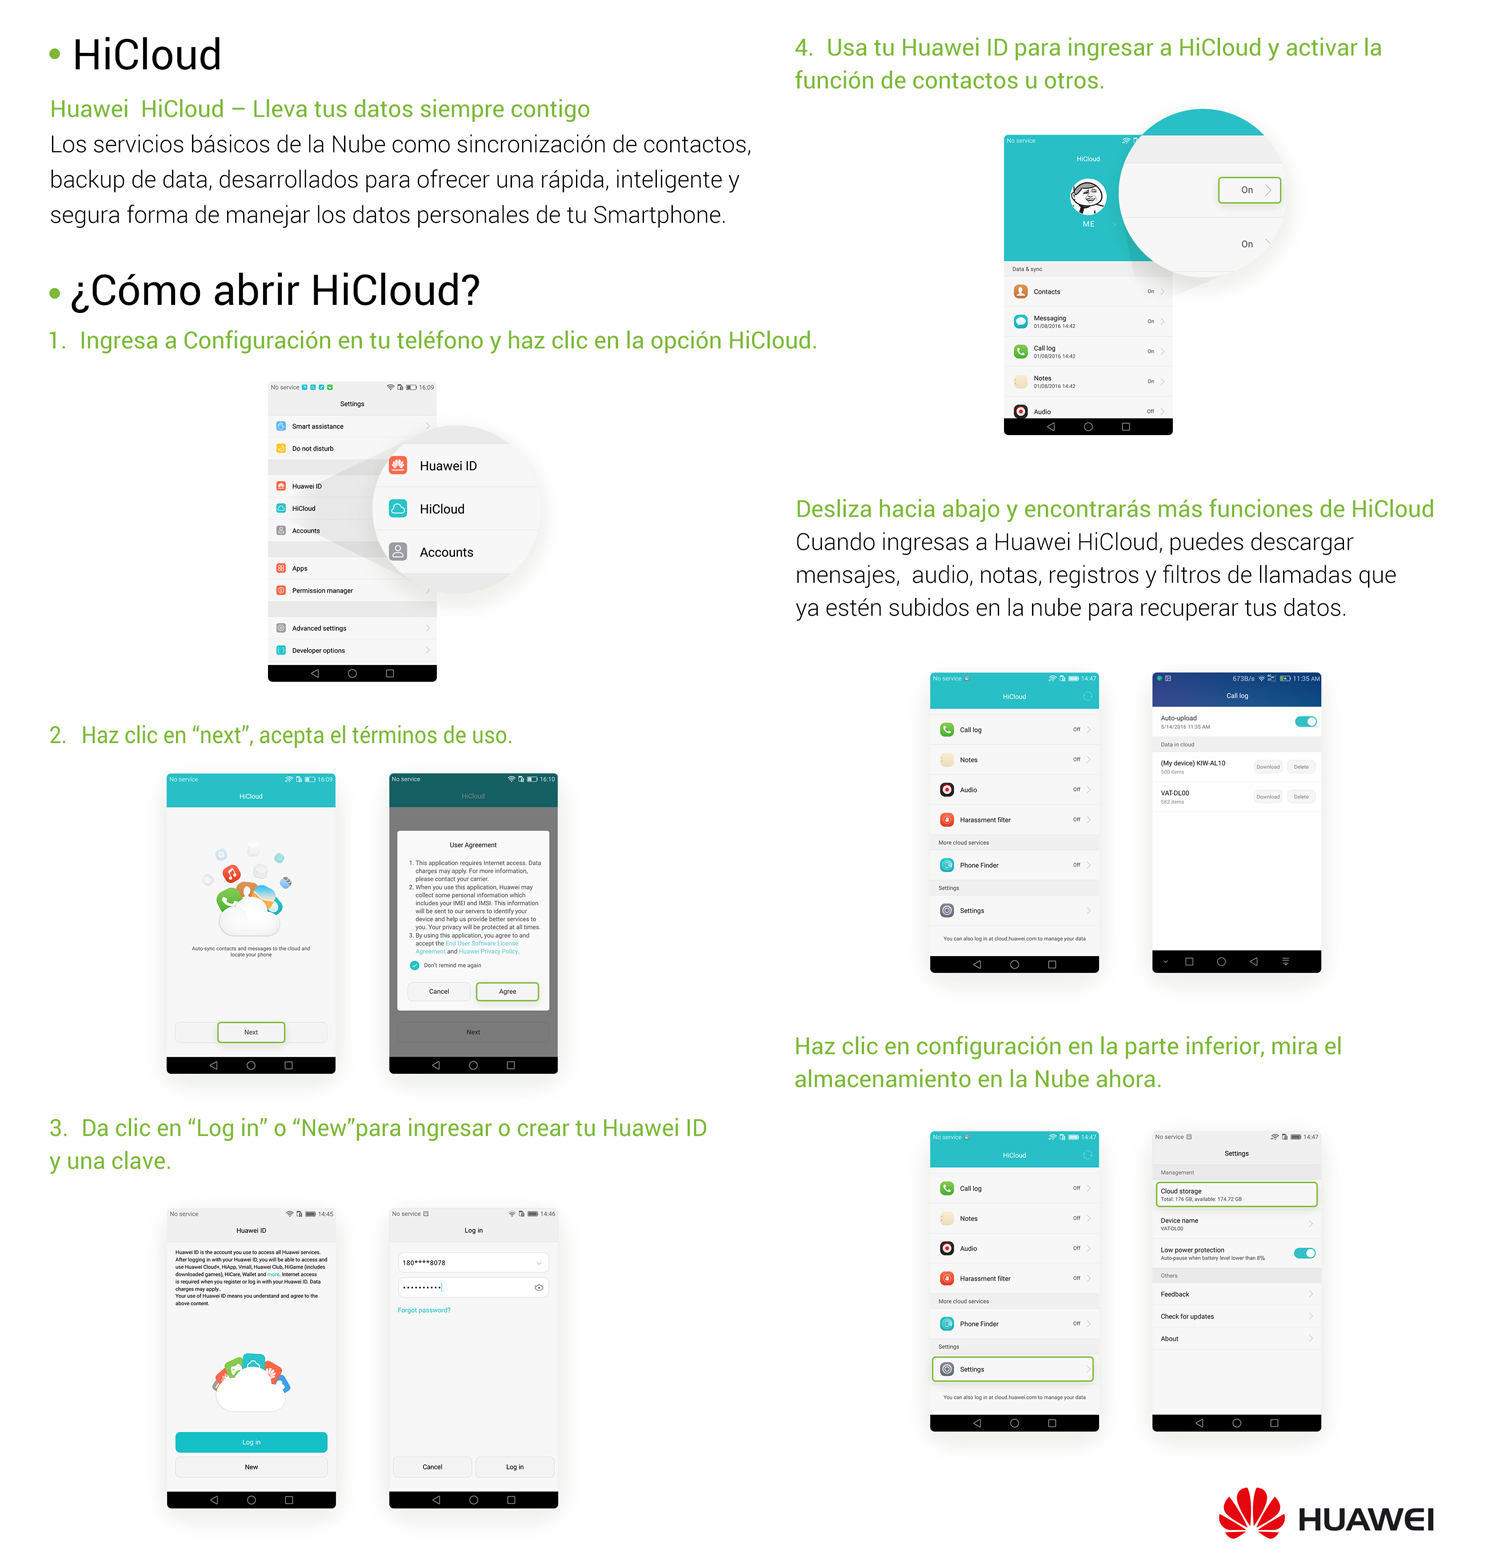 HiCloud - Cómo usarla